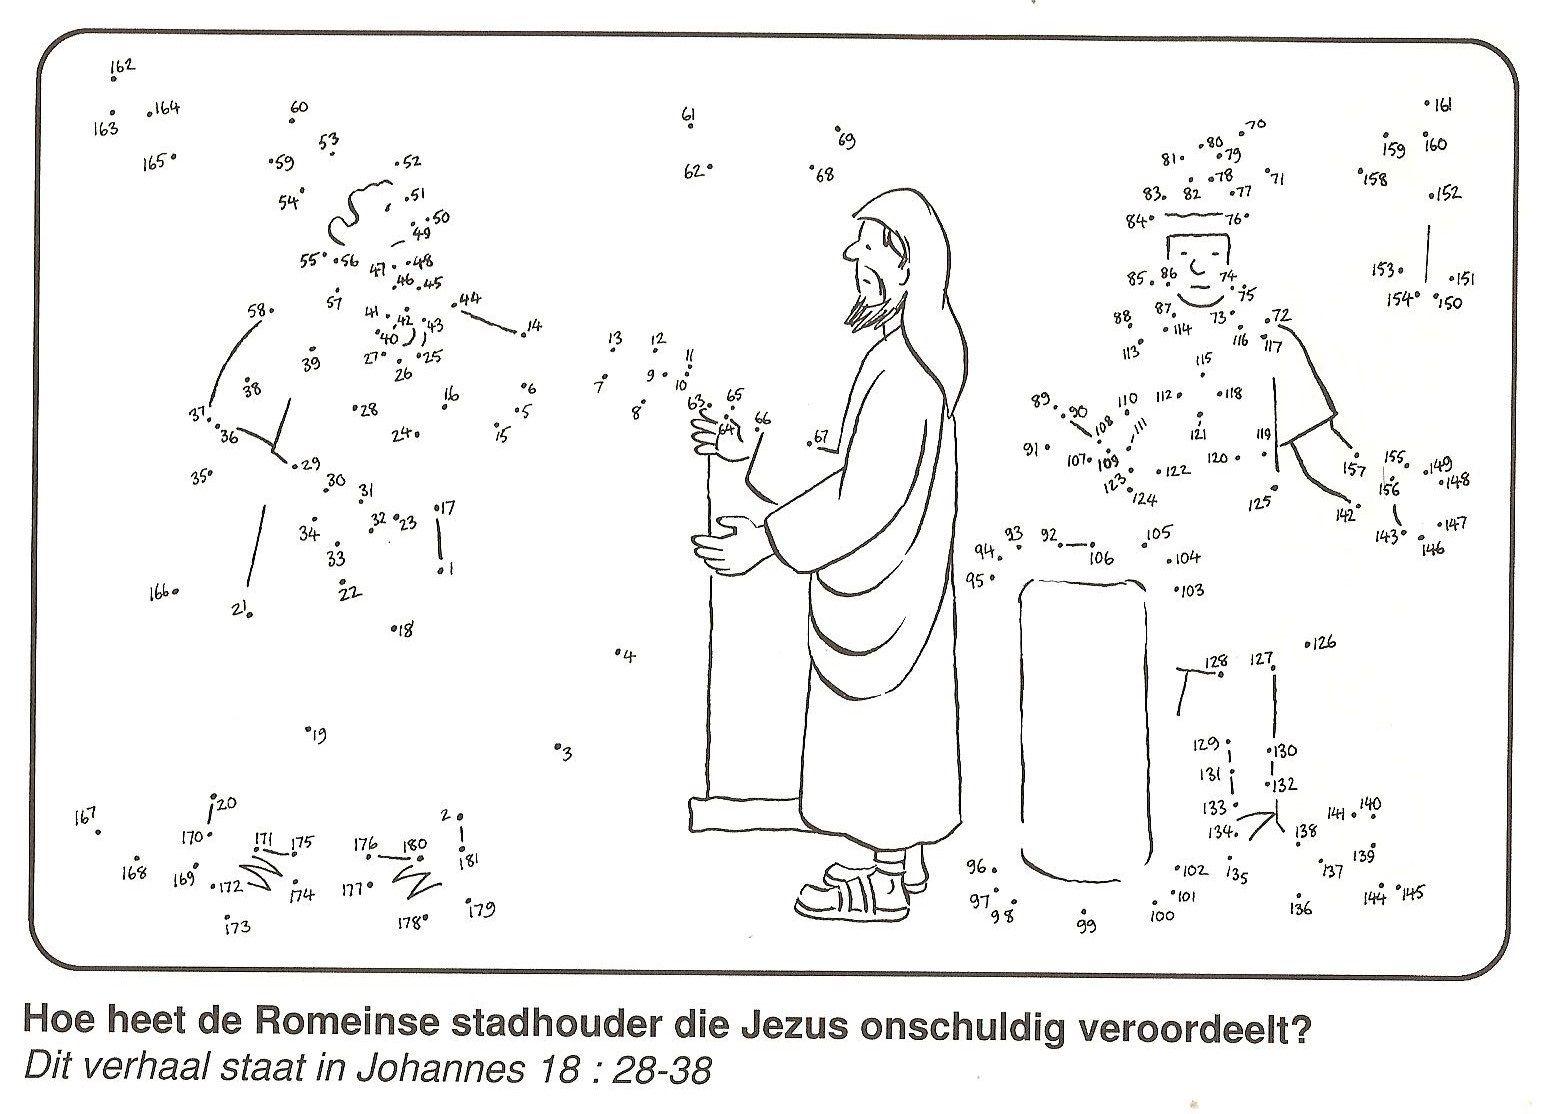 Jezus Ten Onrechte Veroordeeld Door Pilatus En Herodus Van Stip Naar Stip